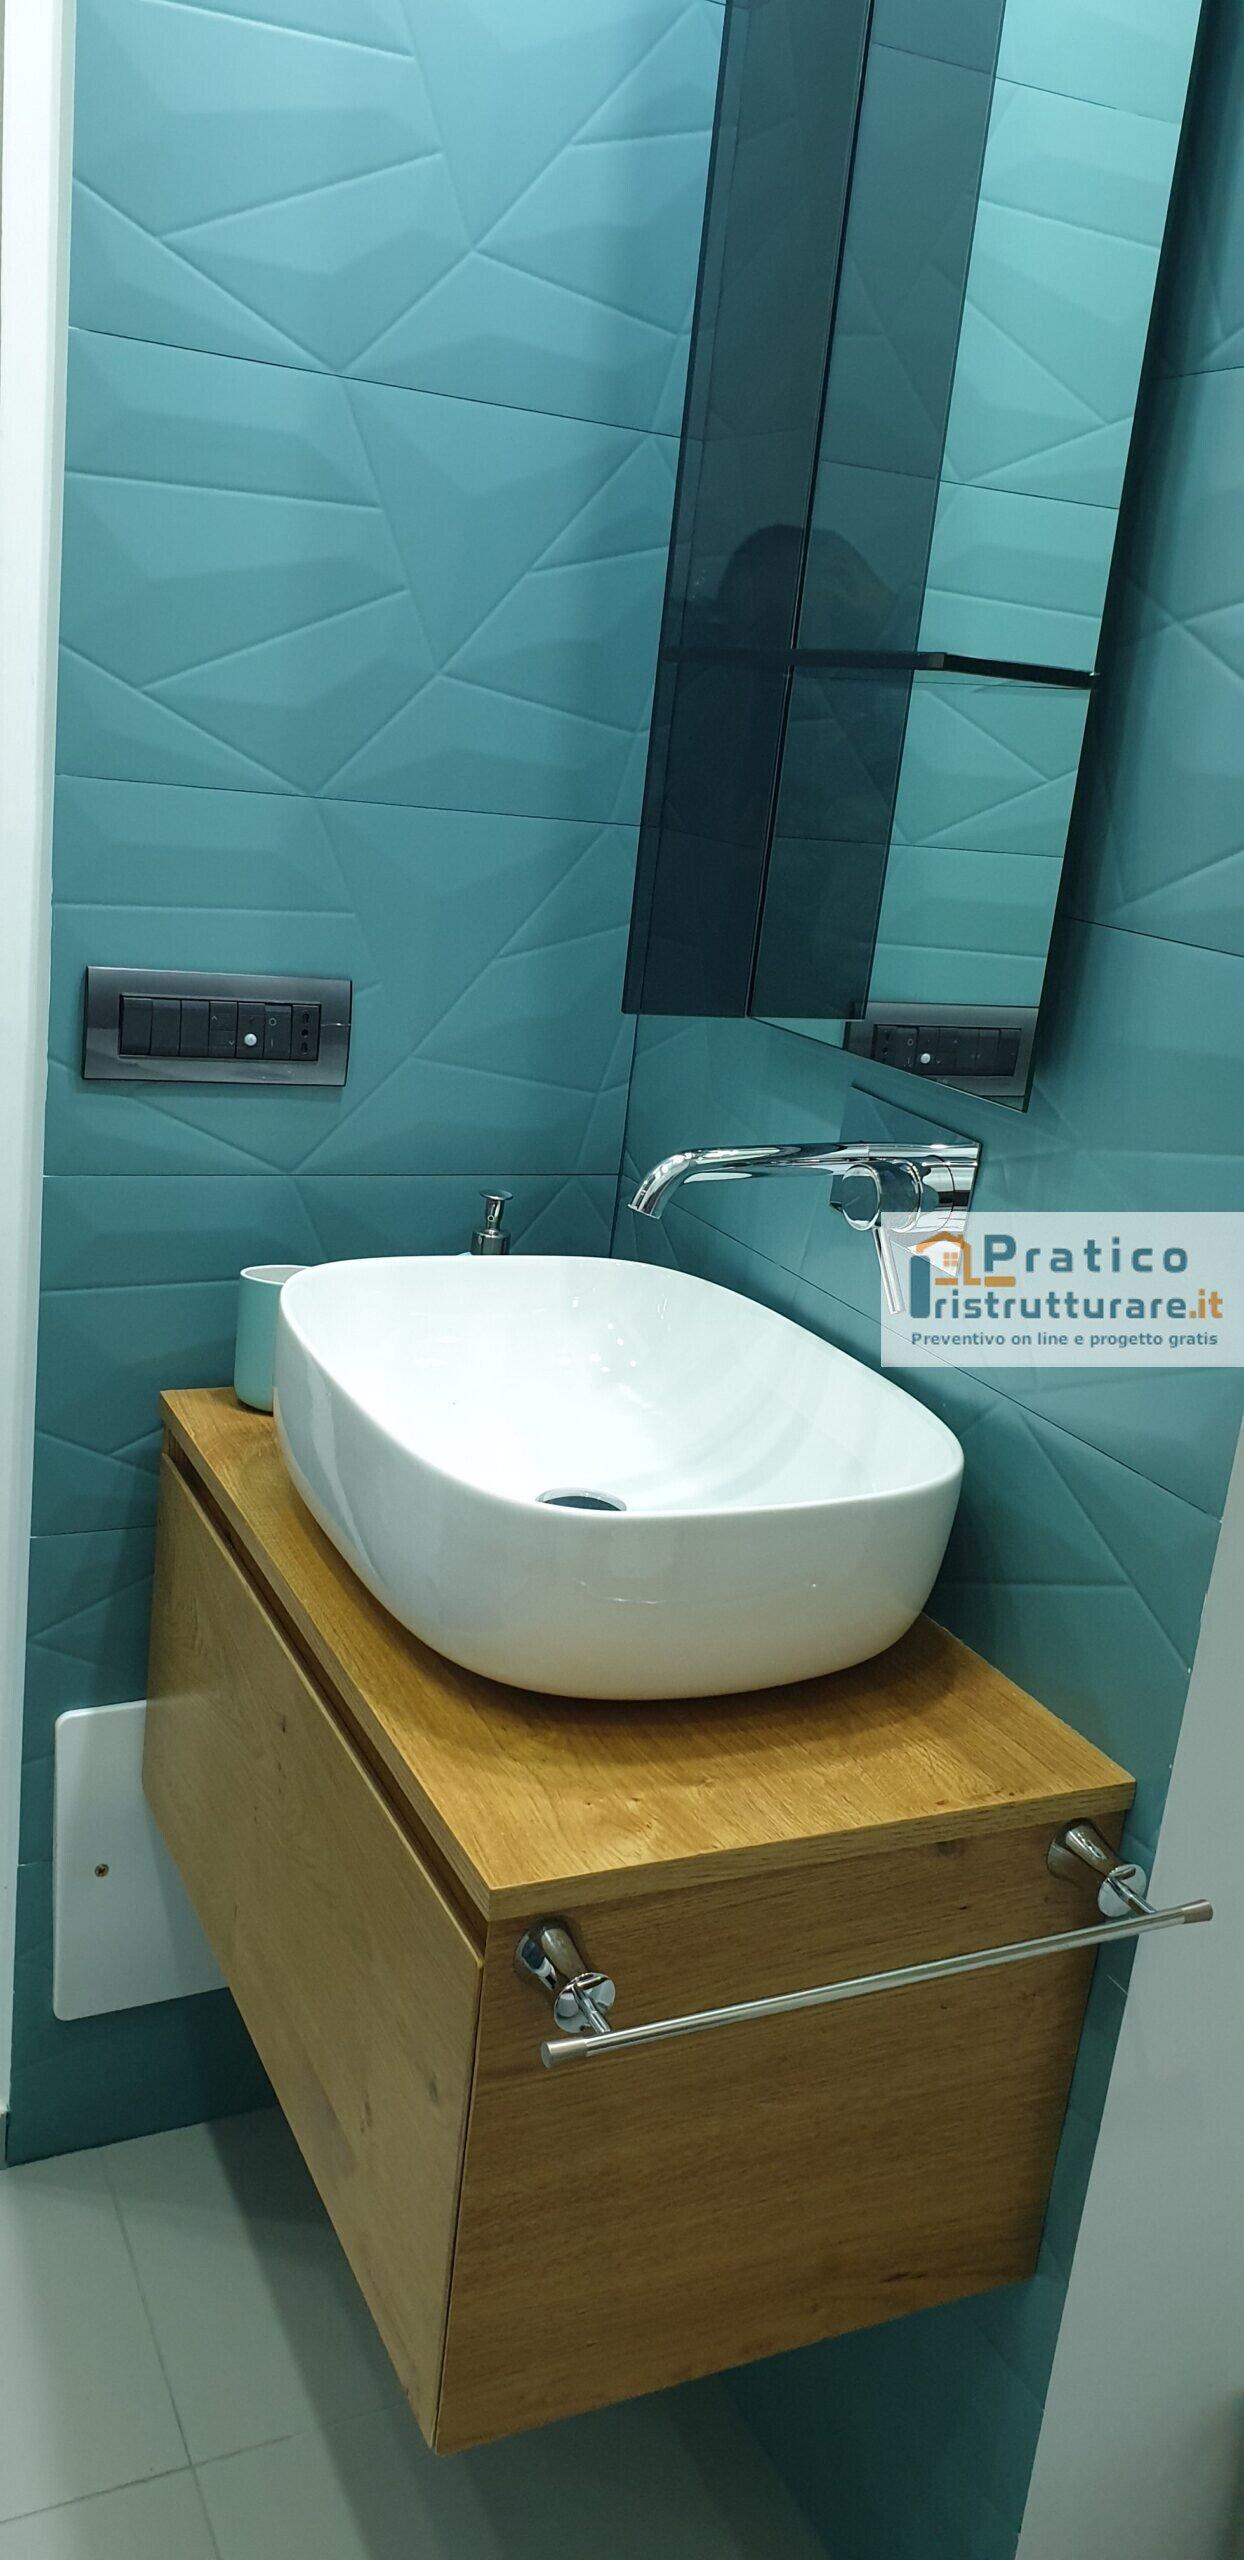 praticoristrutturare_bagno in camera6